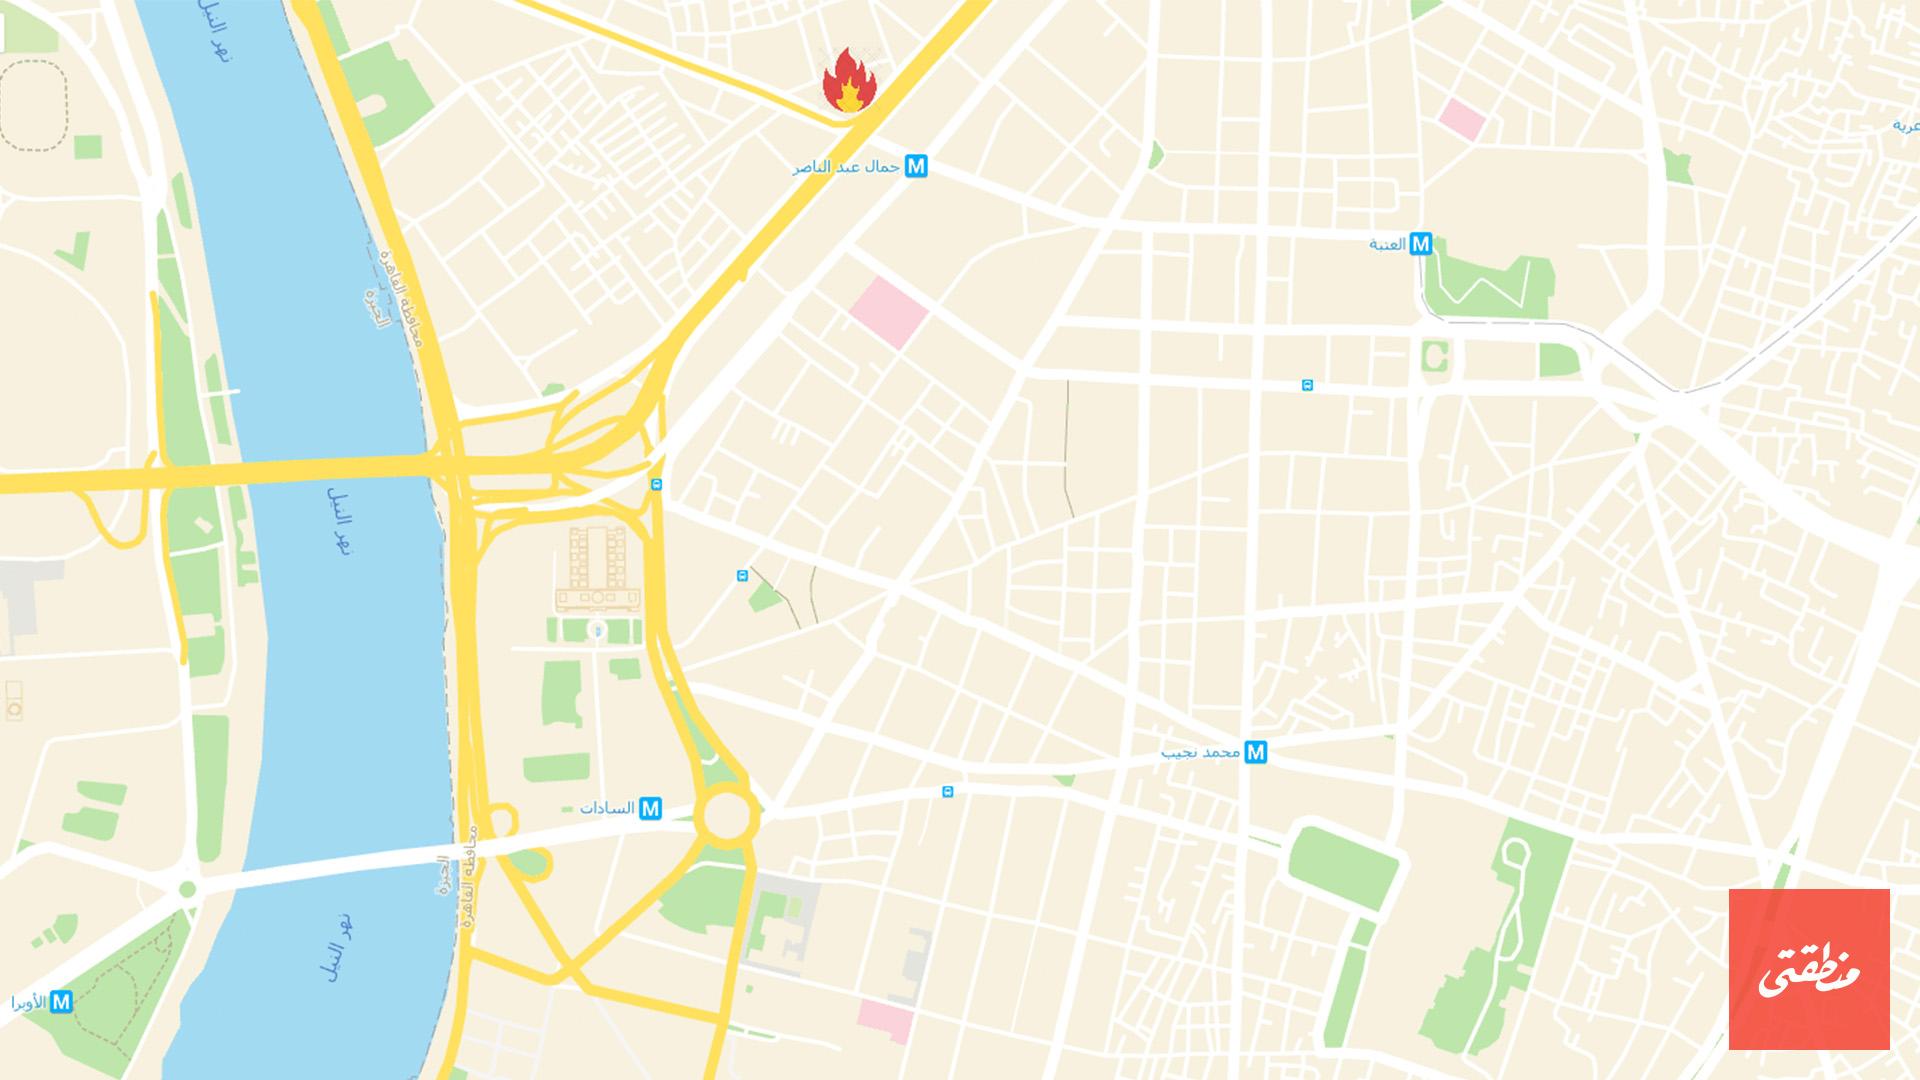 خريطة توضح موقع الحريق بالقرب من مستشفى الجلاء ظهر اليوم دون خسائر